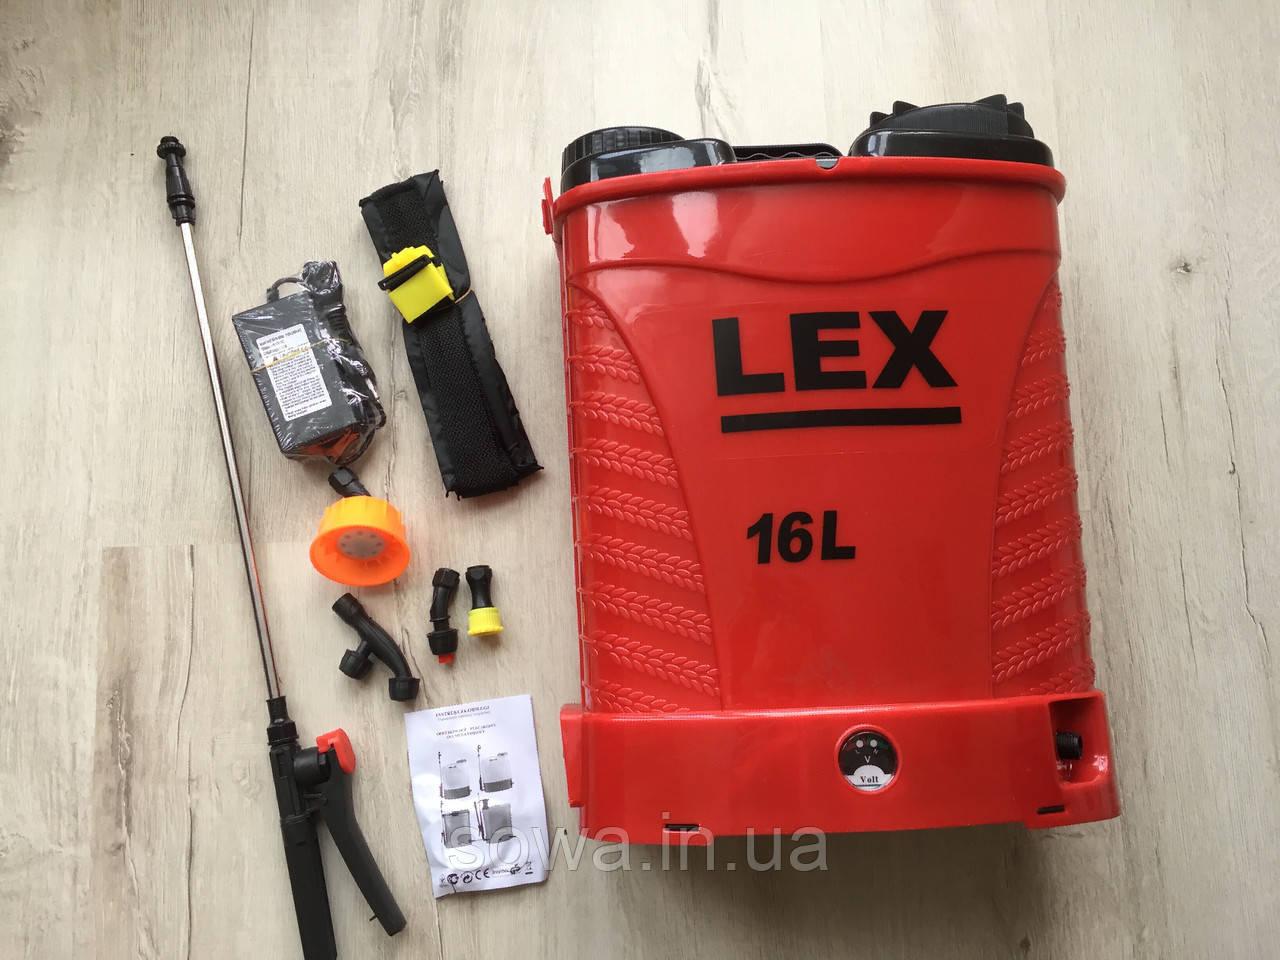 ✔️  Аккумуляторный садовый опрыскиватель LEX_PROFI  / 16L , 15Ah